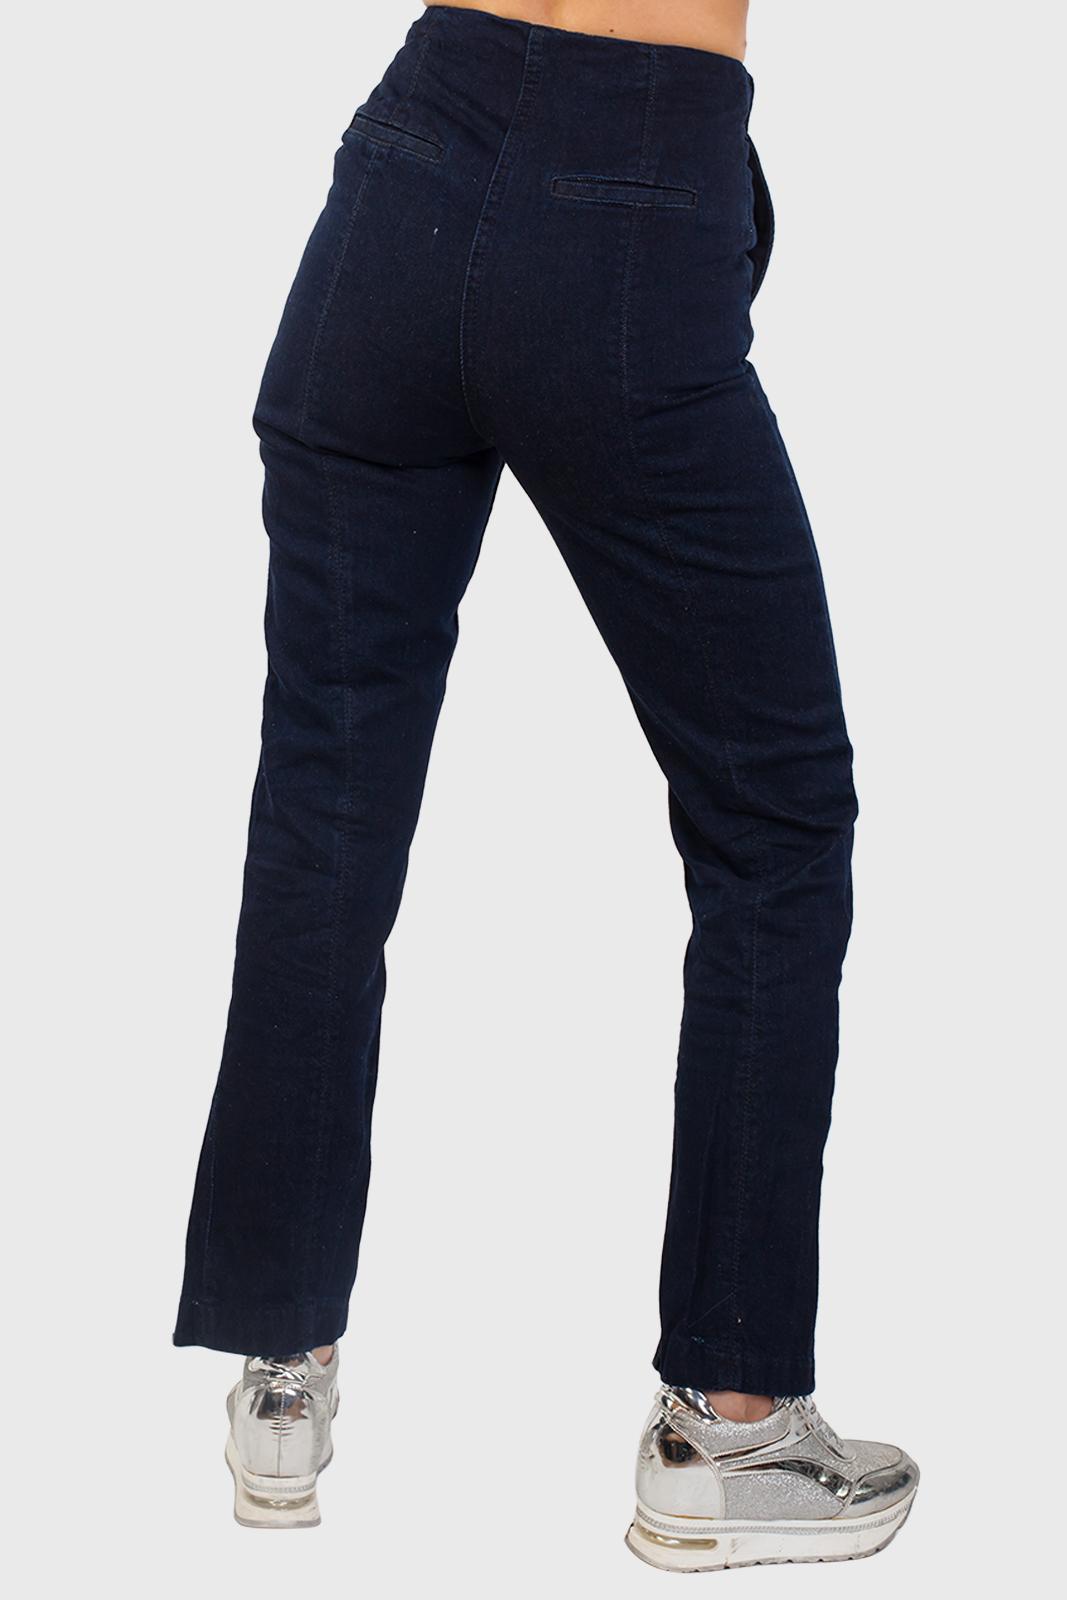 Темно-синие прямые женские джинсы оптом